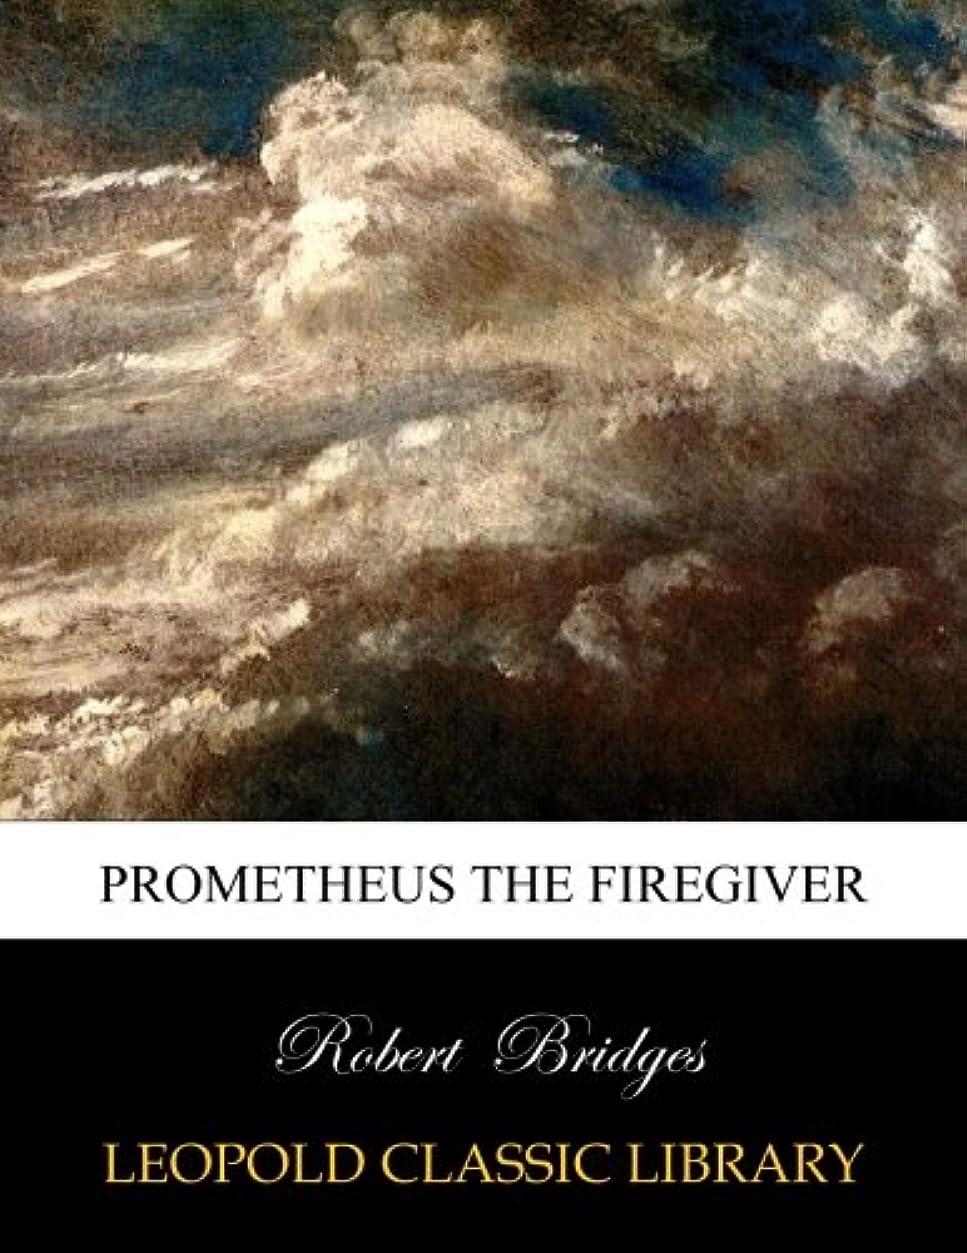 ランチョン潜在的な資格情報Prometheus the firegiver